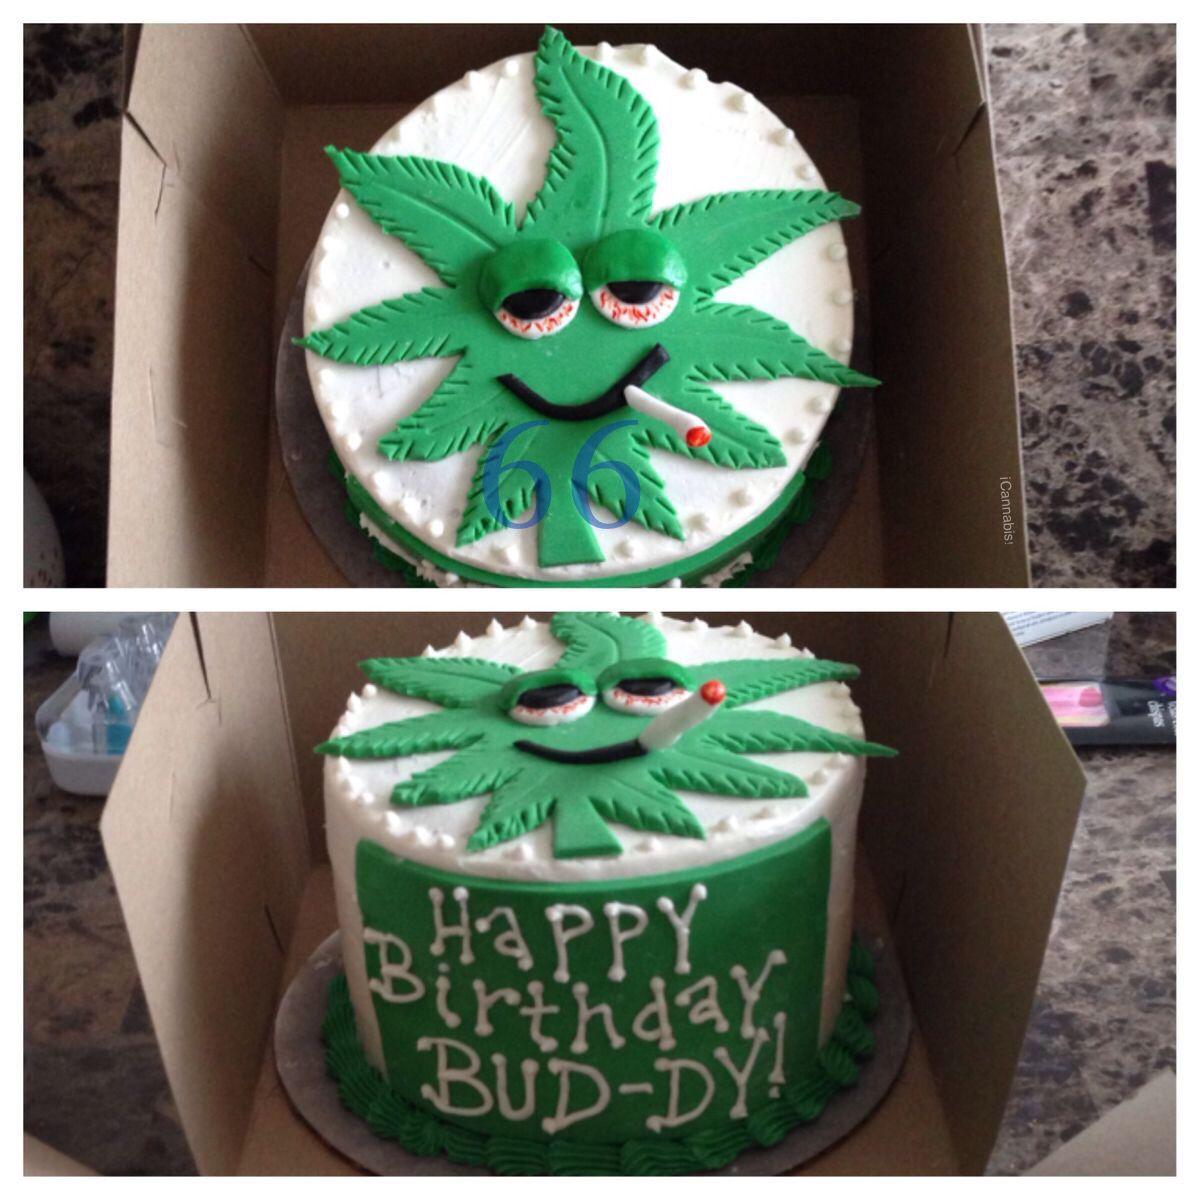 Happy 420 All Stoners!